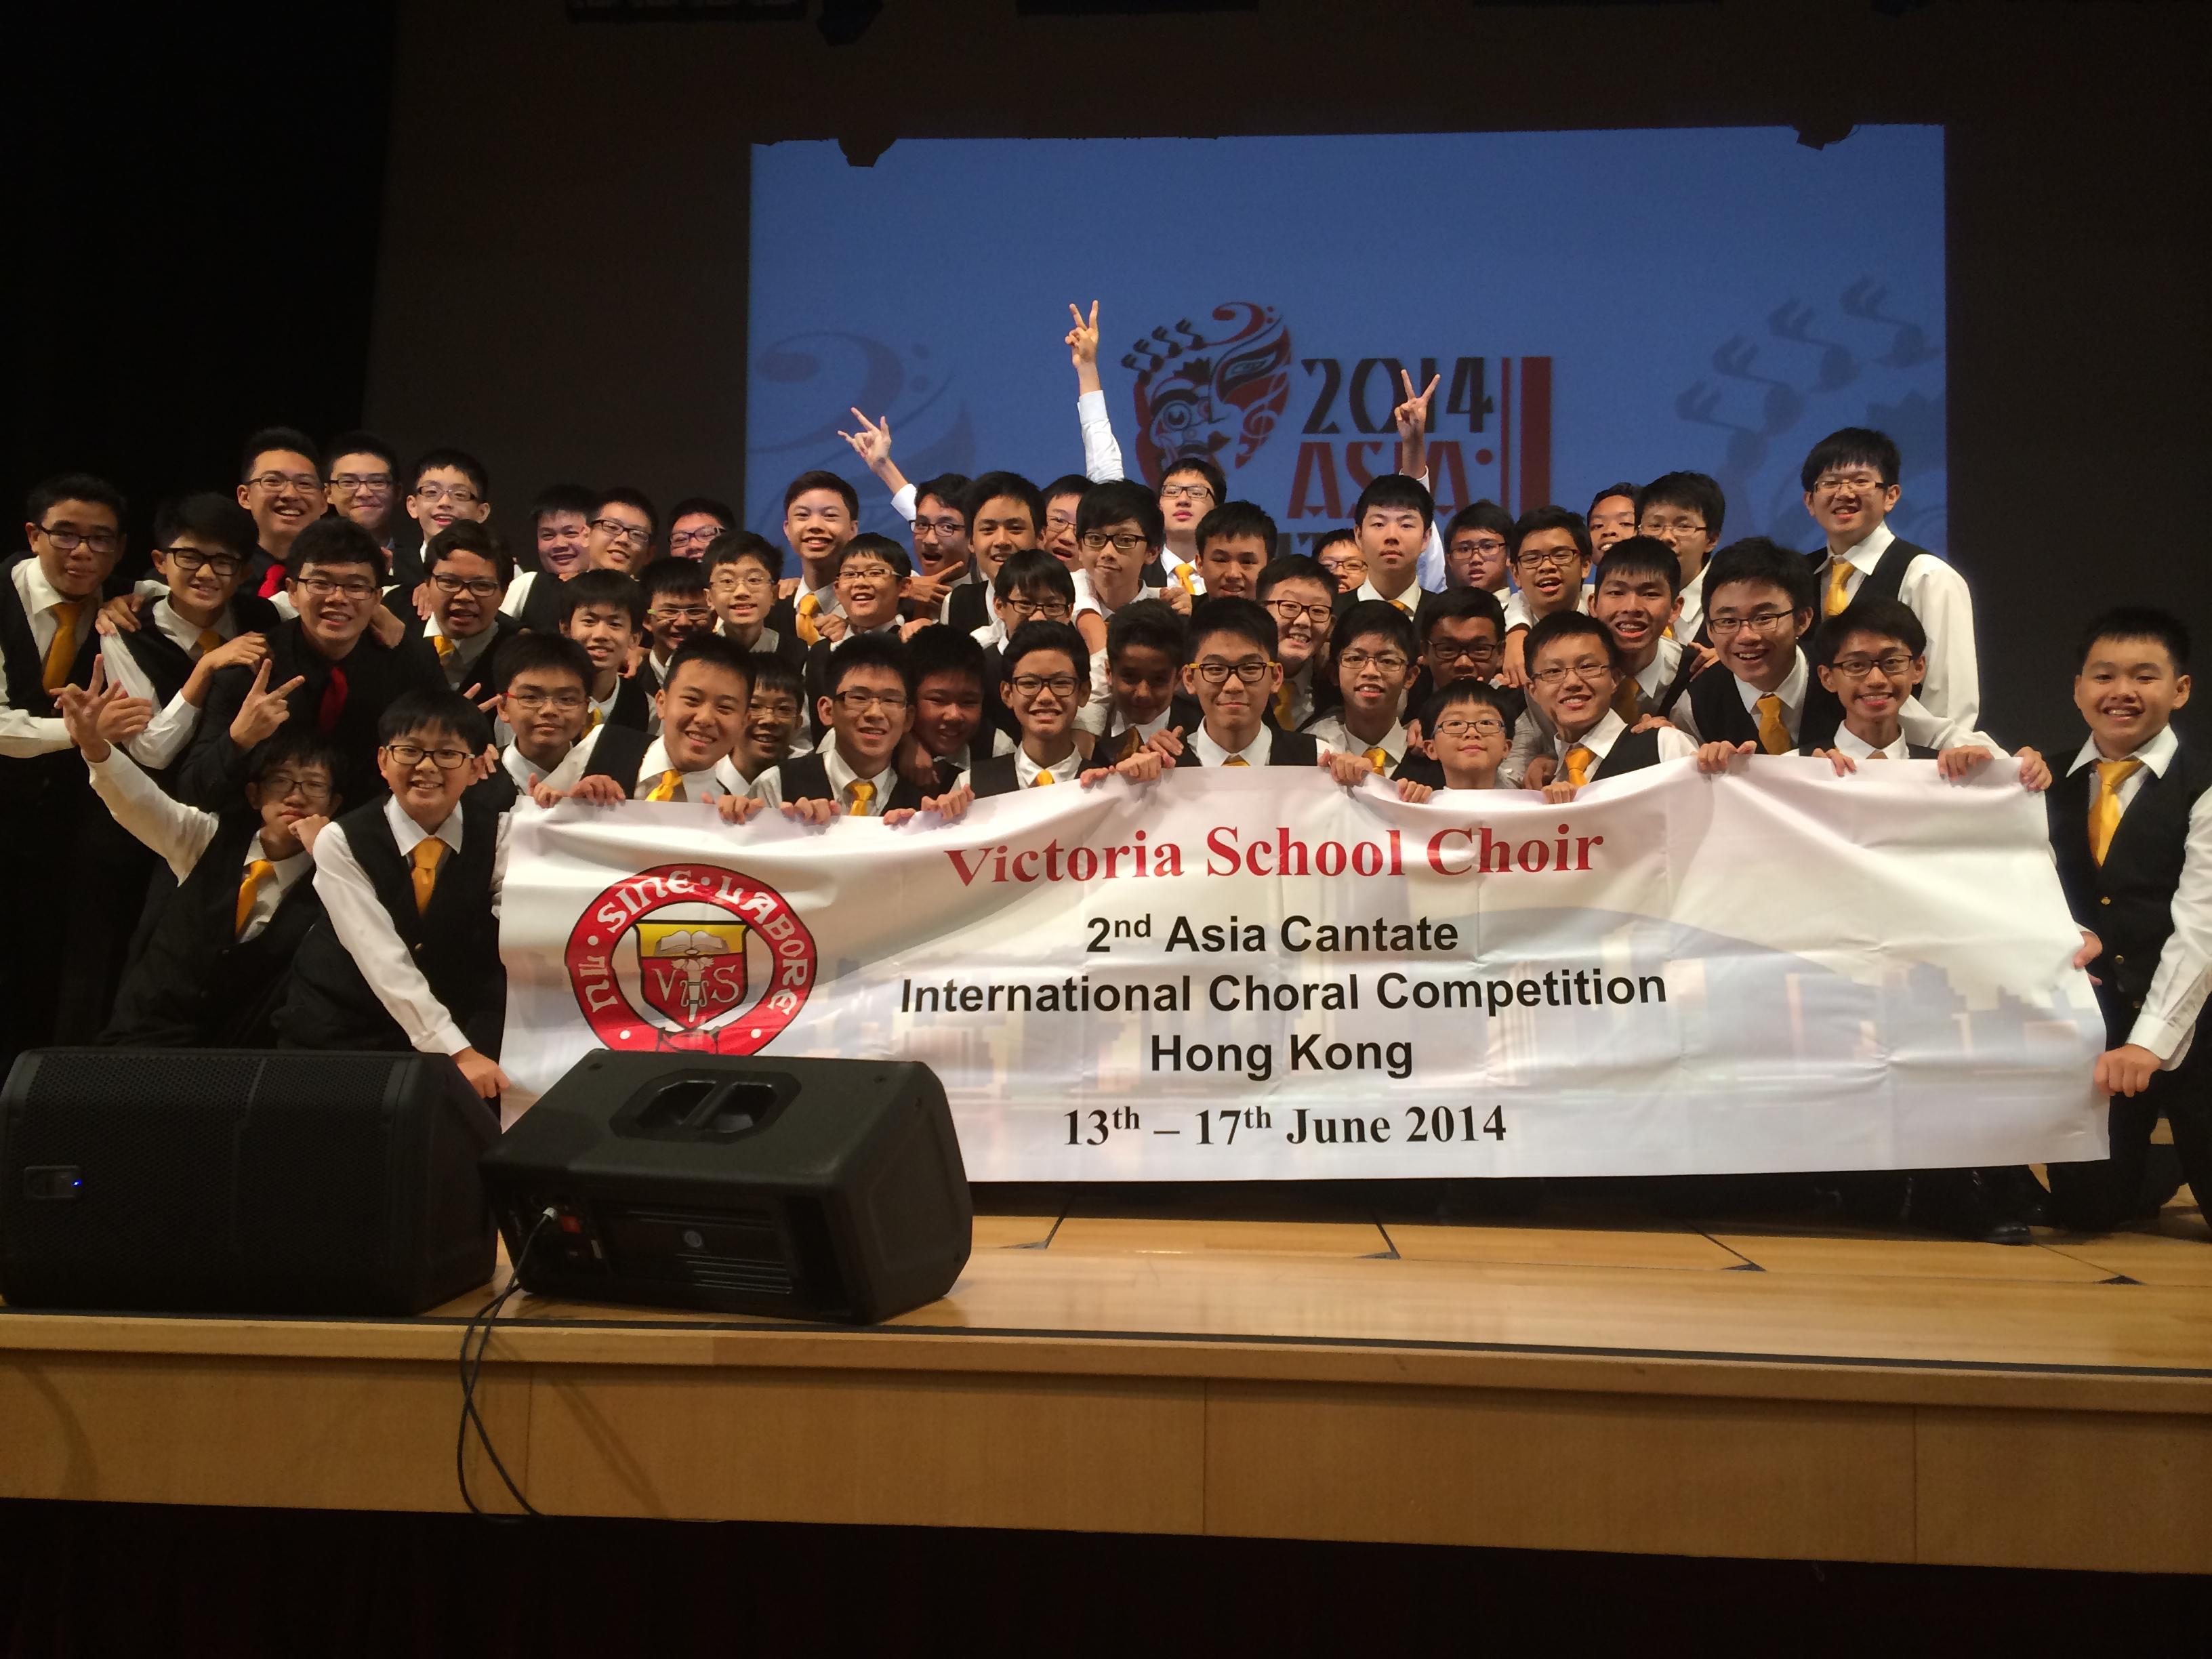 Victoria School Choir